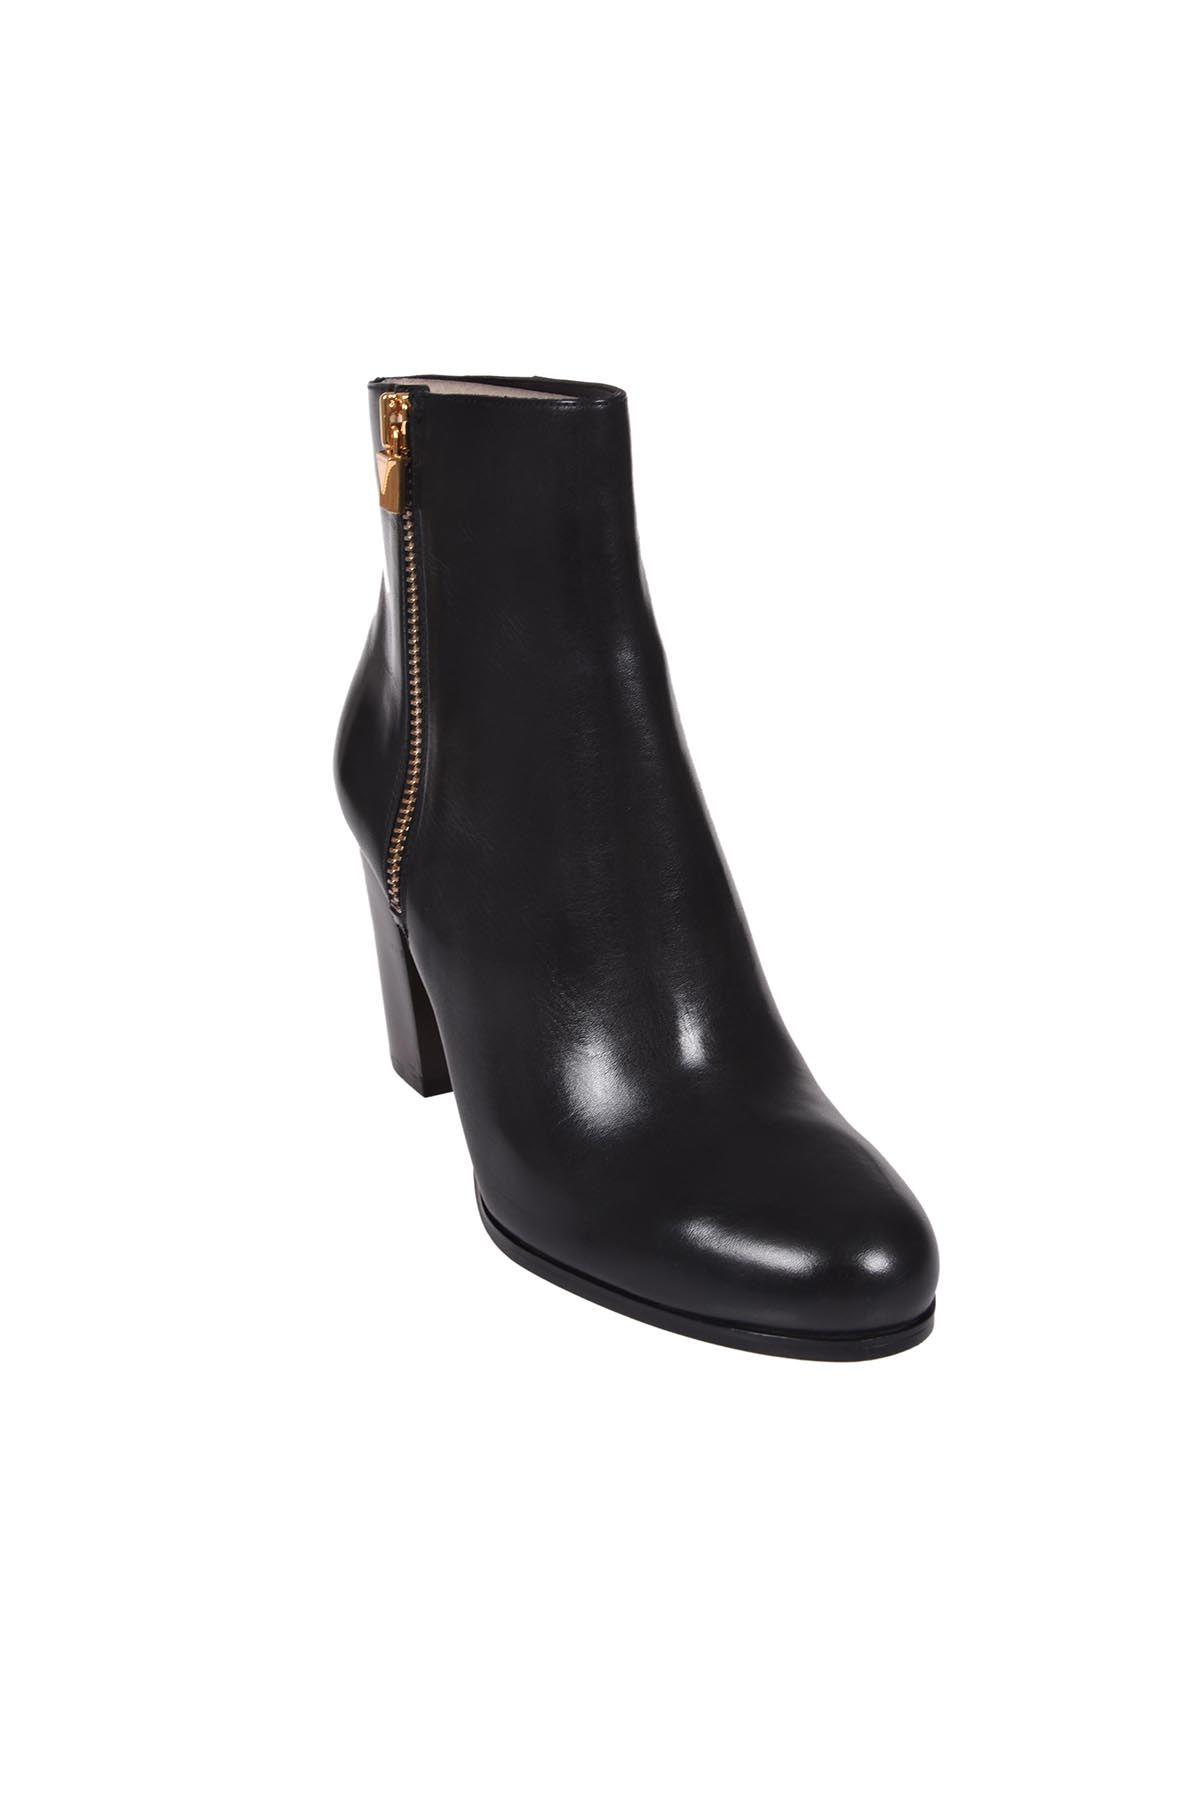 michael kors michael kors margaret ankle boots black. Black Bedroom Furniture Sets. Home Design Ideas